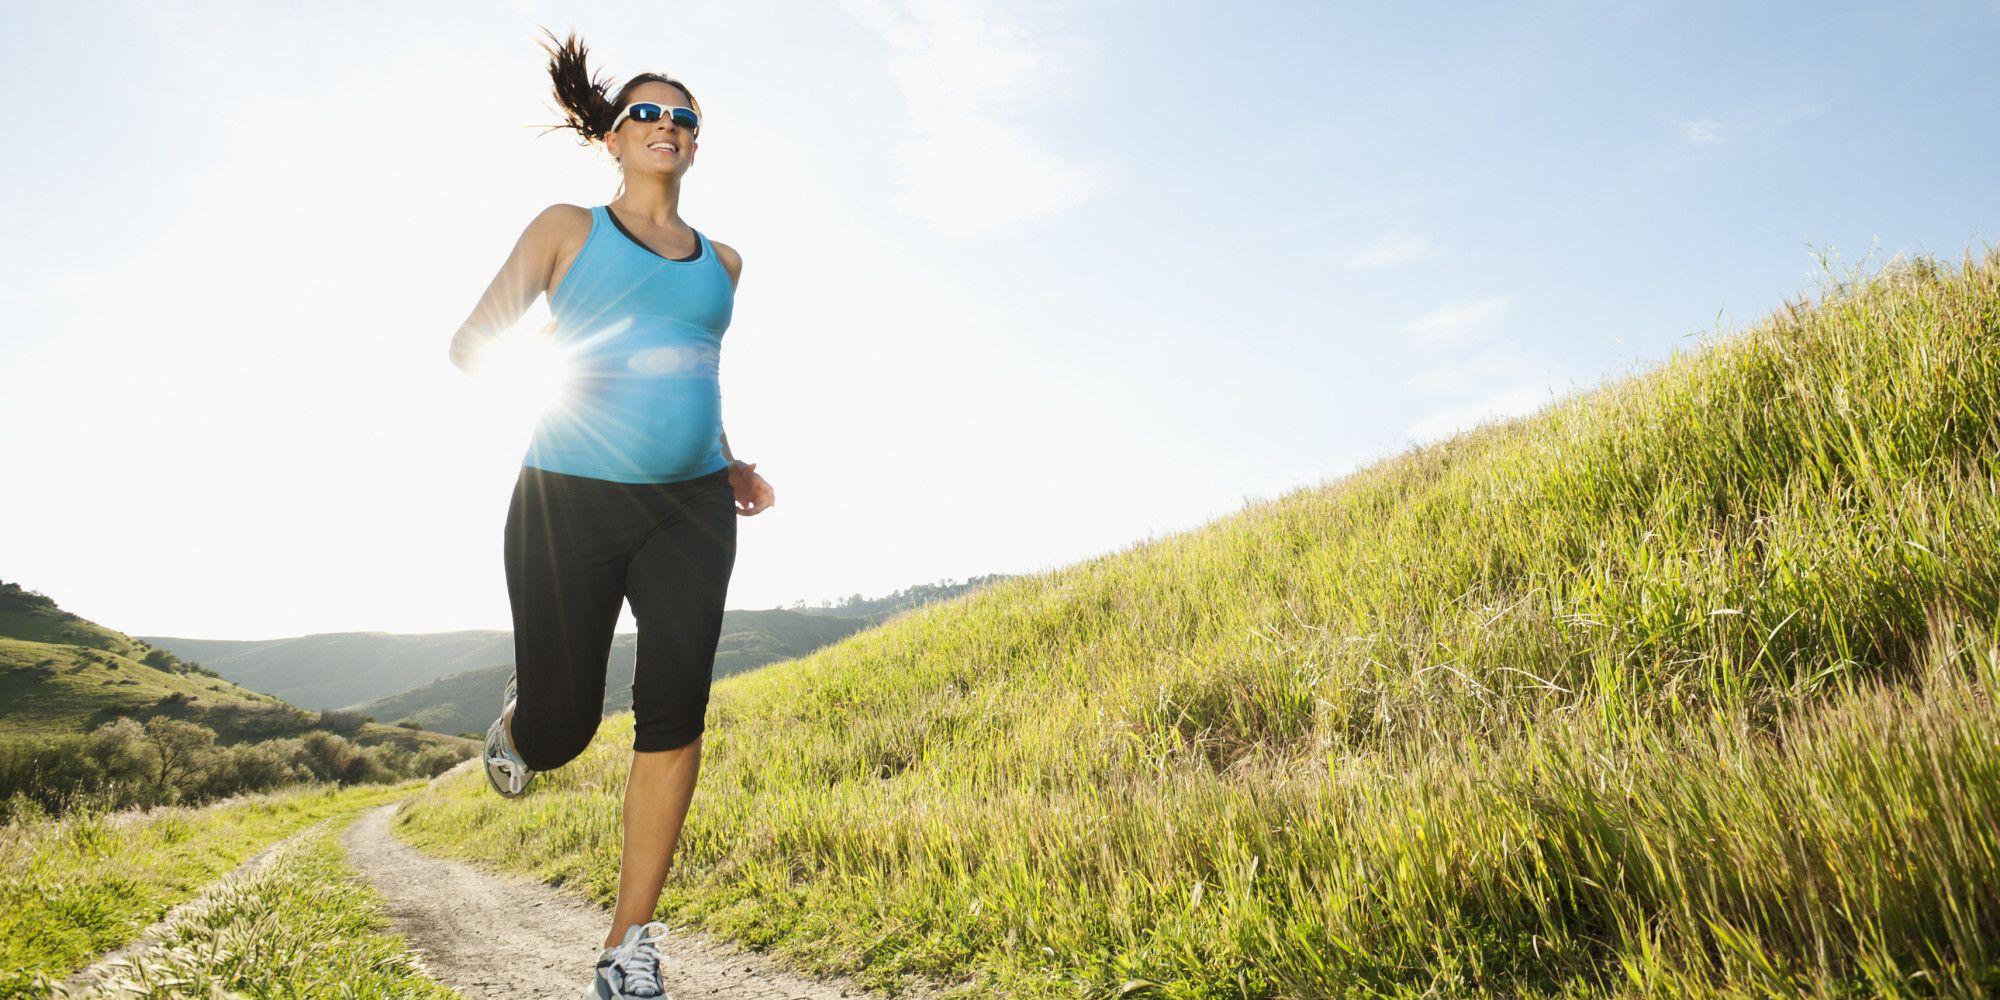 Cosa succede al nostro corpo quando corriamo?